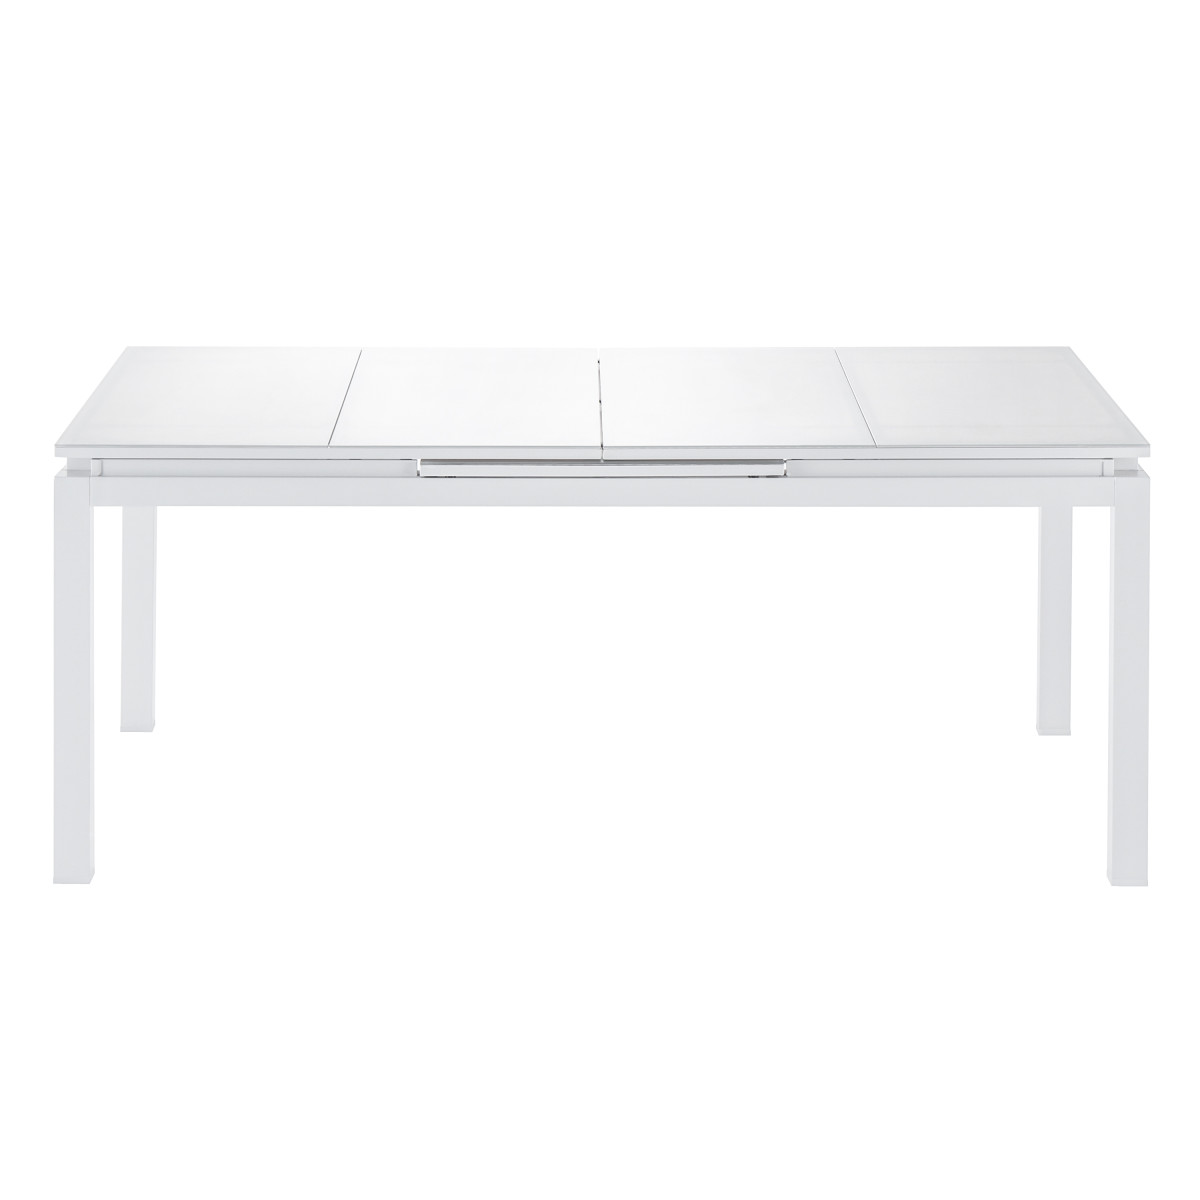 Стол садовый раздвижной Naterial Odissea Easy 180-240х90х76.5 см алюминий белый